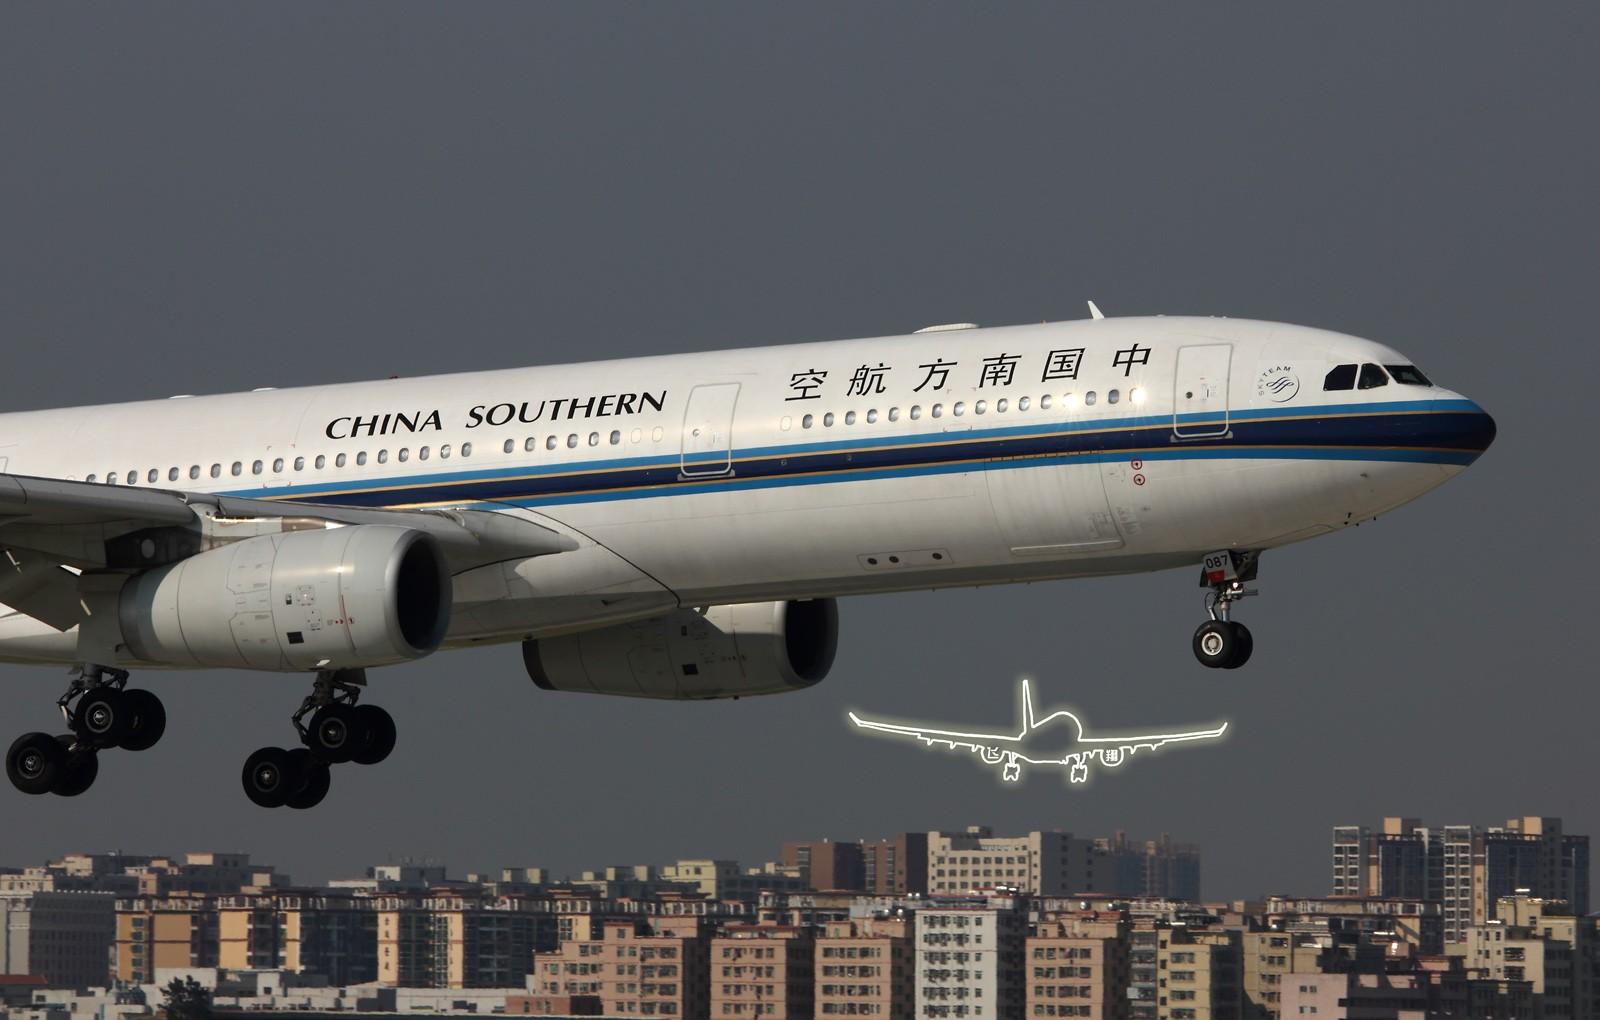 Re:[原创]★ ★ ★ ★ ★   深圳二跑那些大灰机们   ★ ★ ★ ★ ★ AIRBUS A330-300 B-6087 中国深圳宝安机场